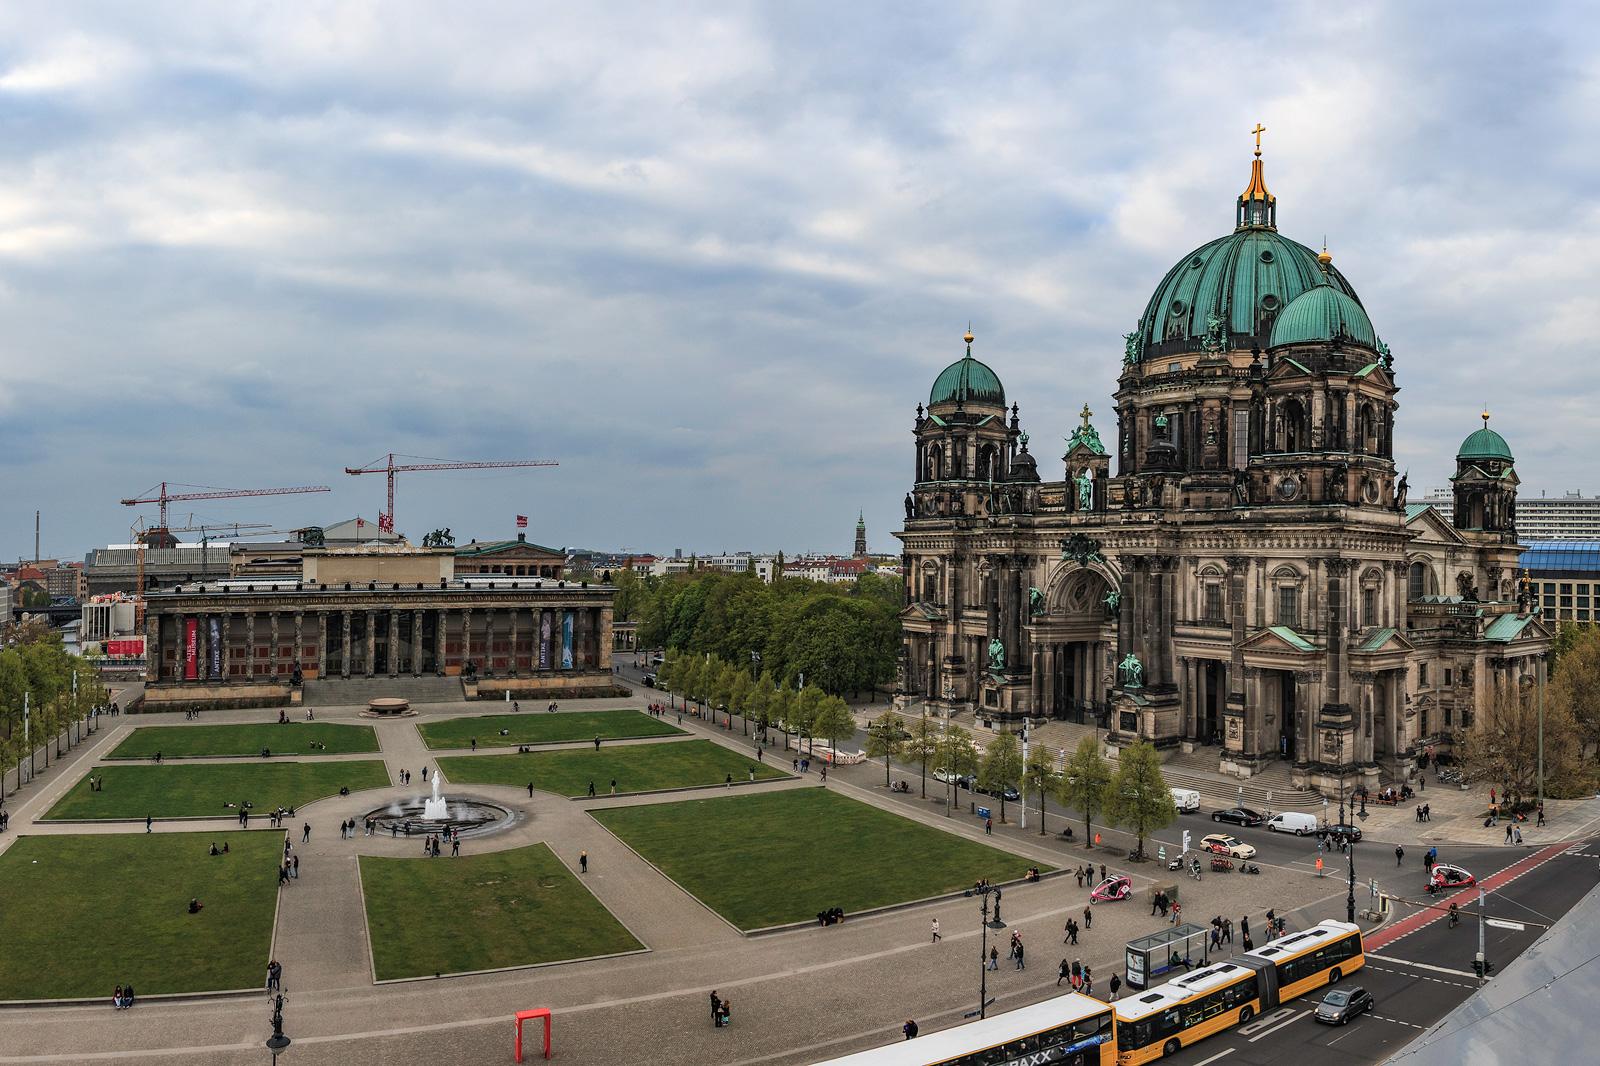 Fotospot Berliner Dom, Berlin, kathrinsworld, Kathrin's World